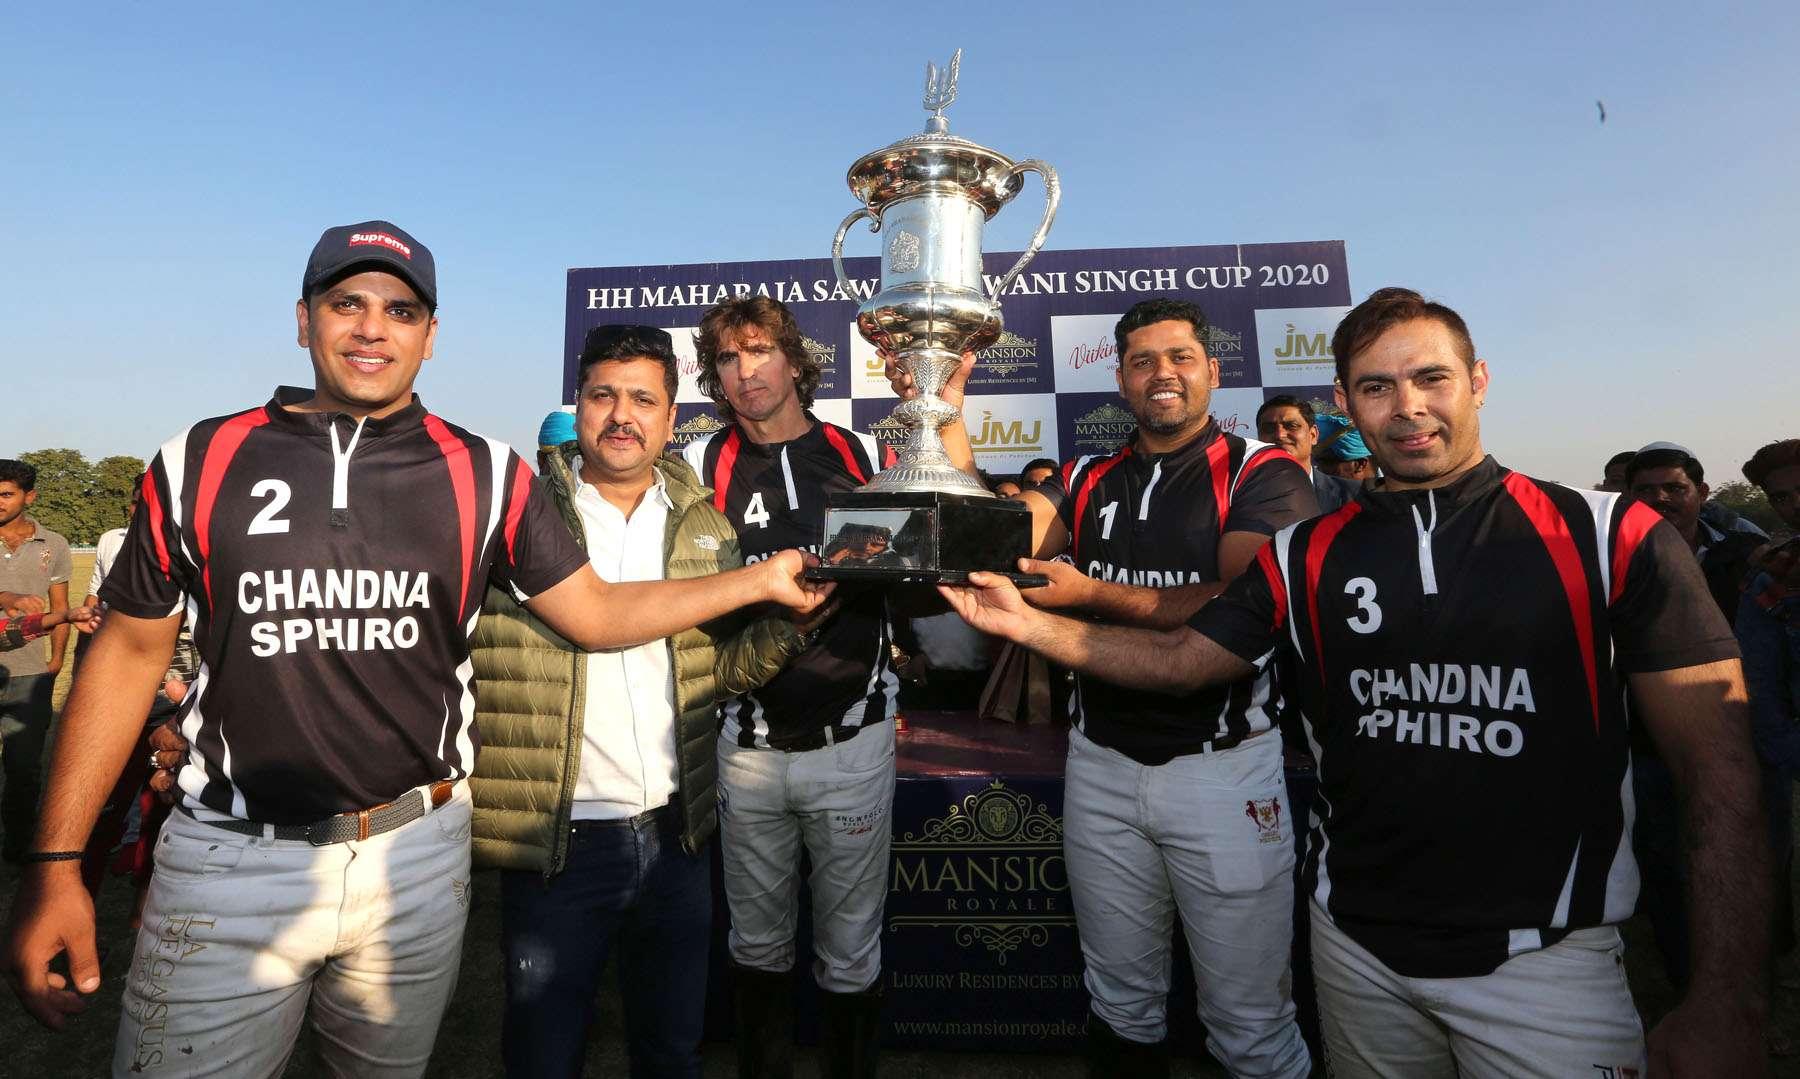 जयपुर पोलो सत्र : चांदना स्पायरो ने जीता भवानी सिंह कप